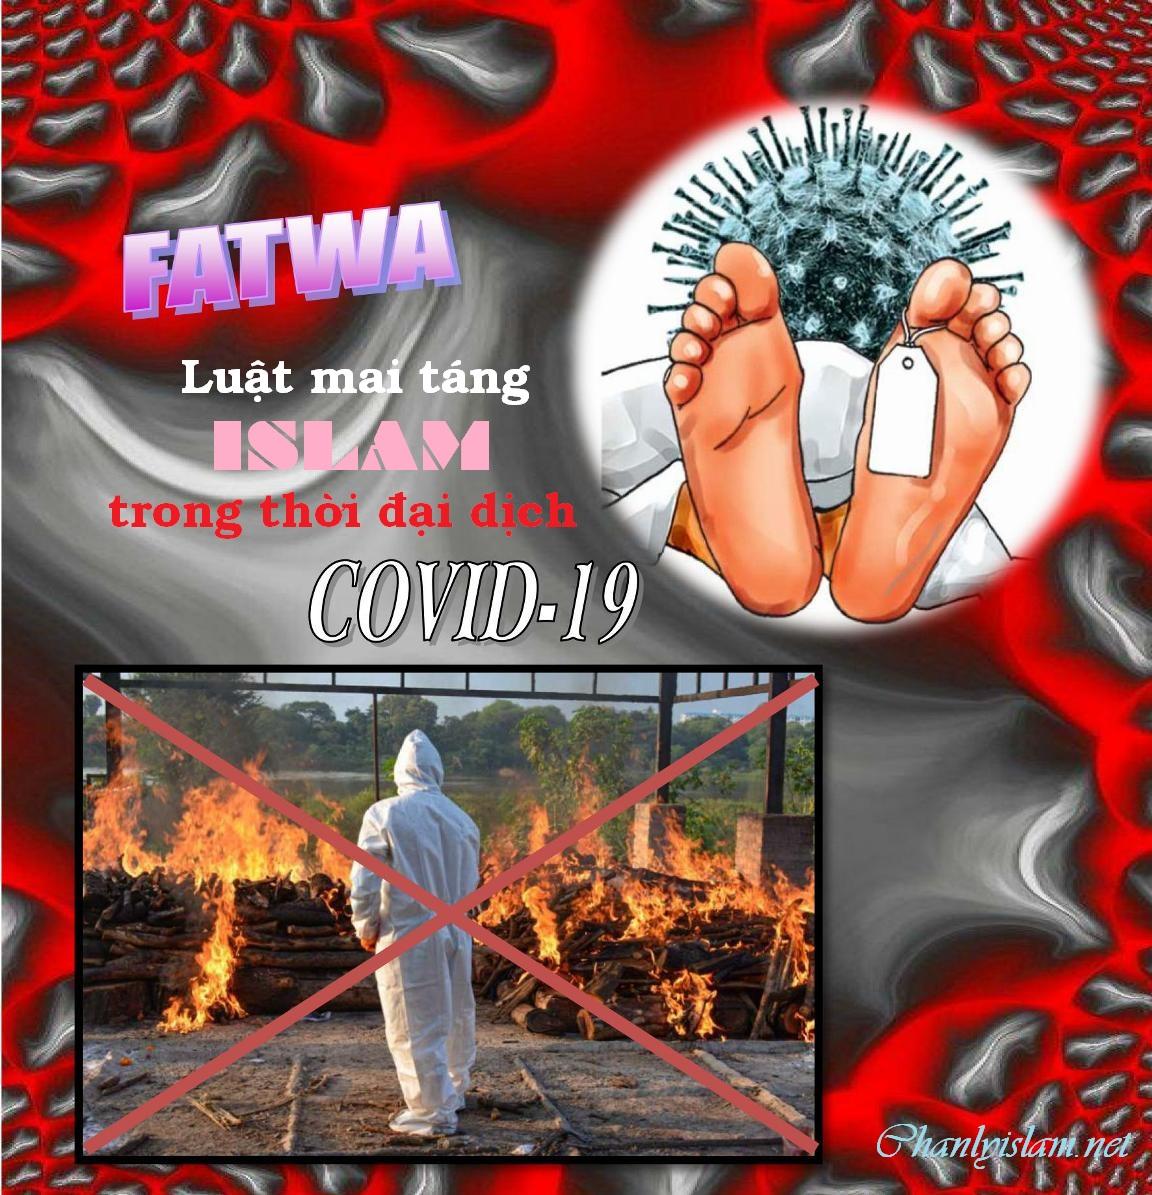 FATWA VỀ LUẬT MAI TÁNG ISLAM TRONG THỜI ĐẠI DỊCH COVID-19